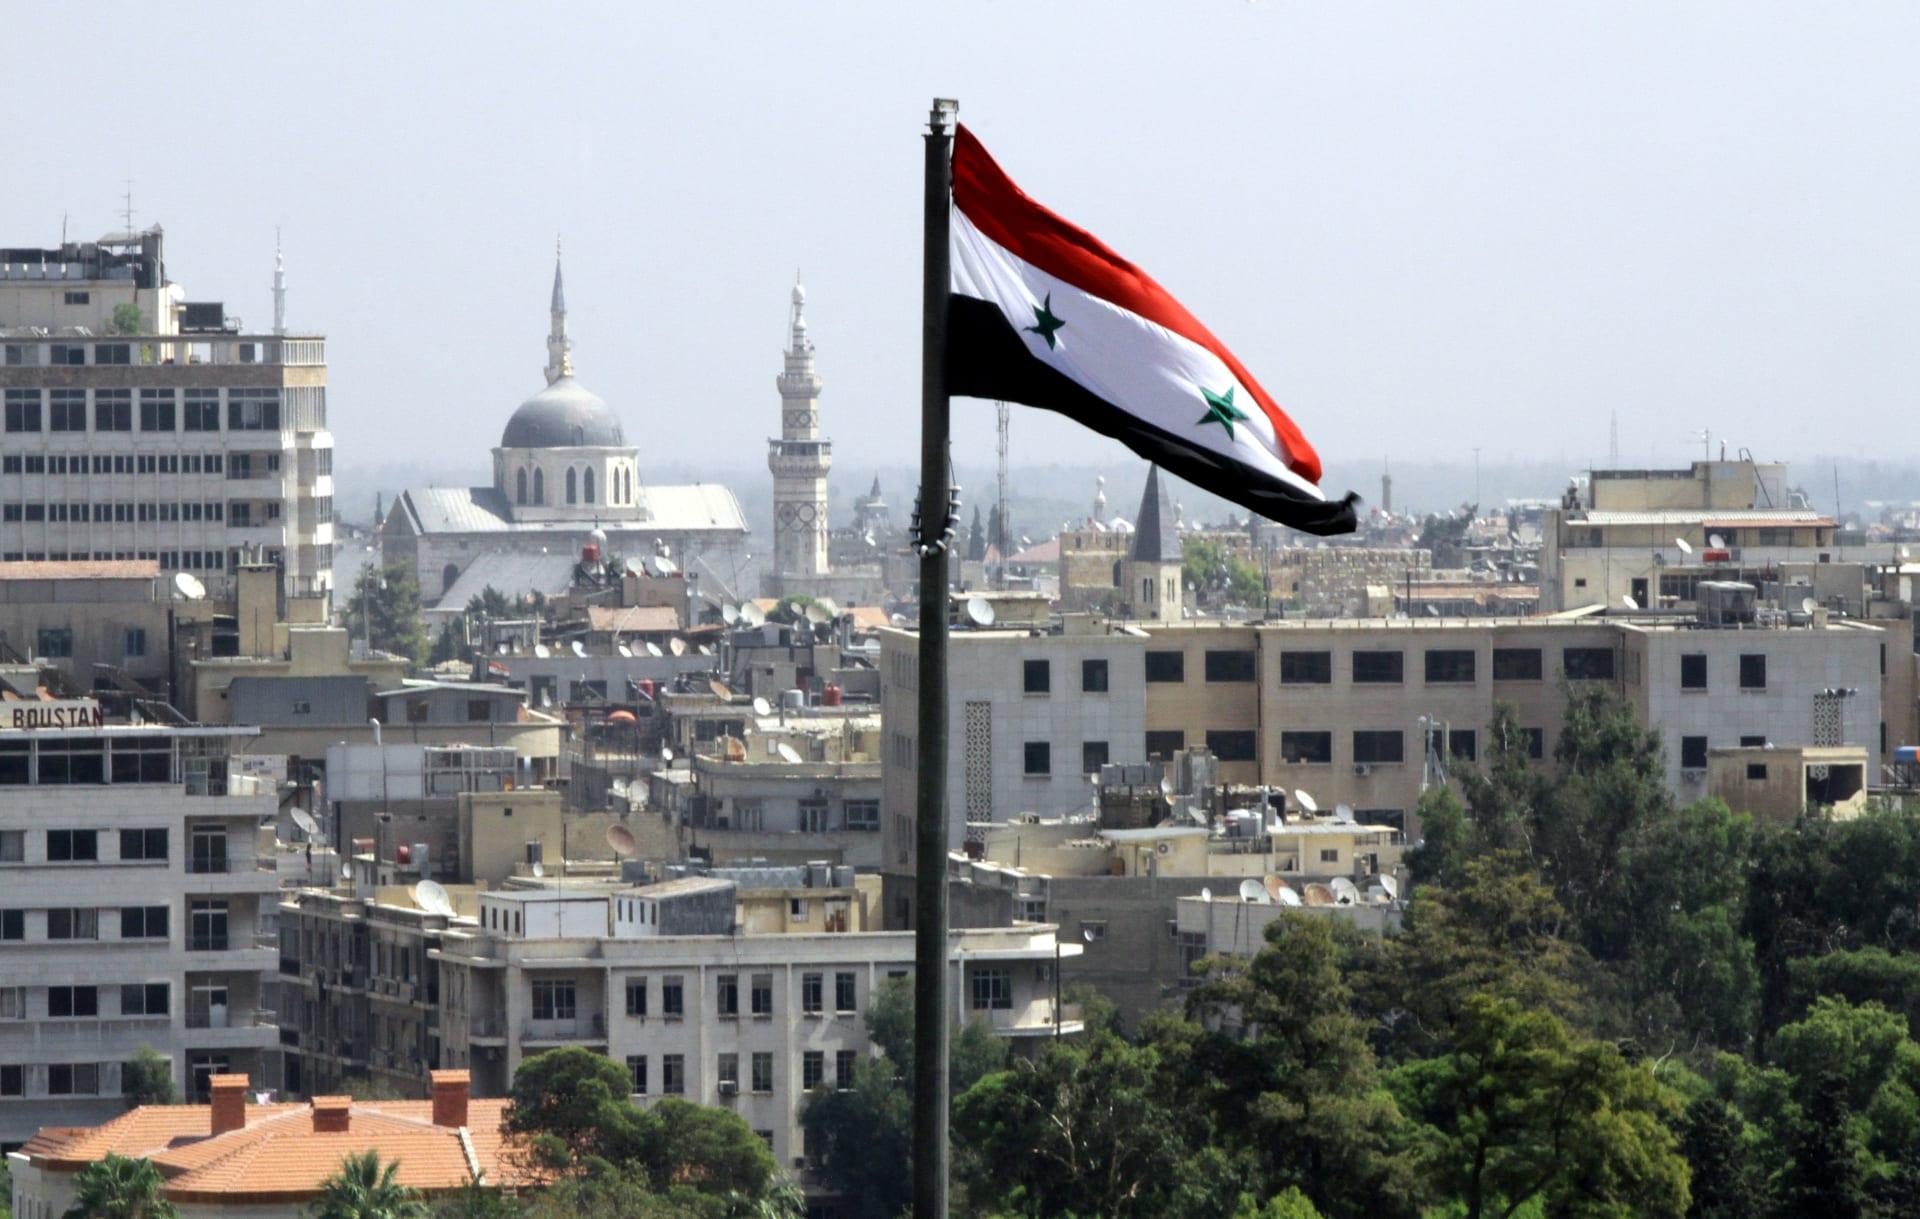 صورة أرشيفية عامة من العاصمة السورية دمشق